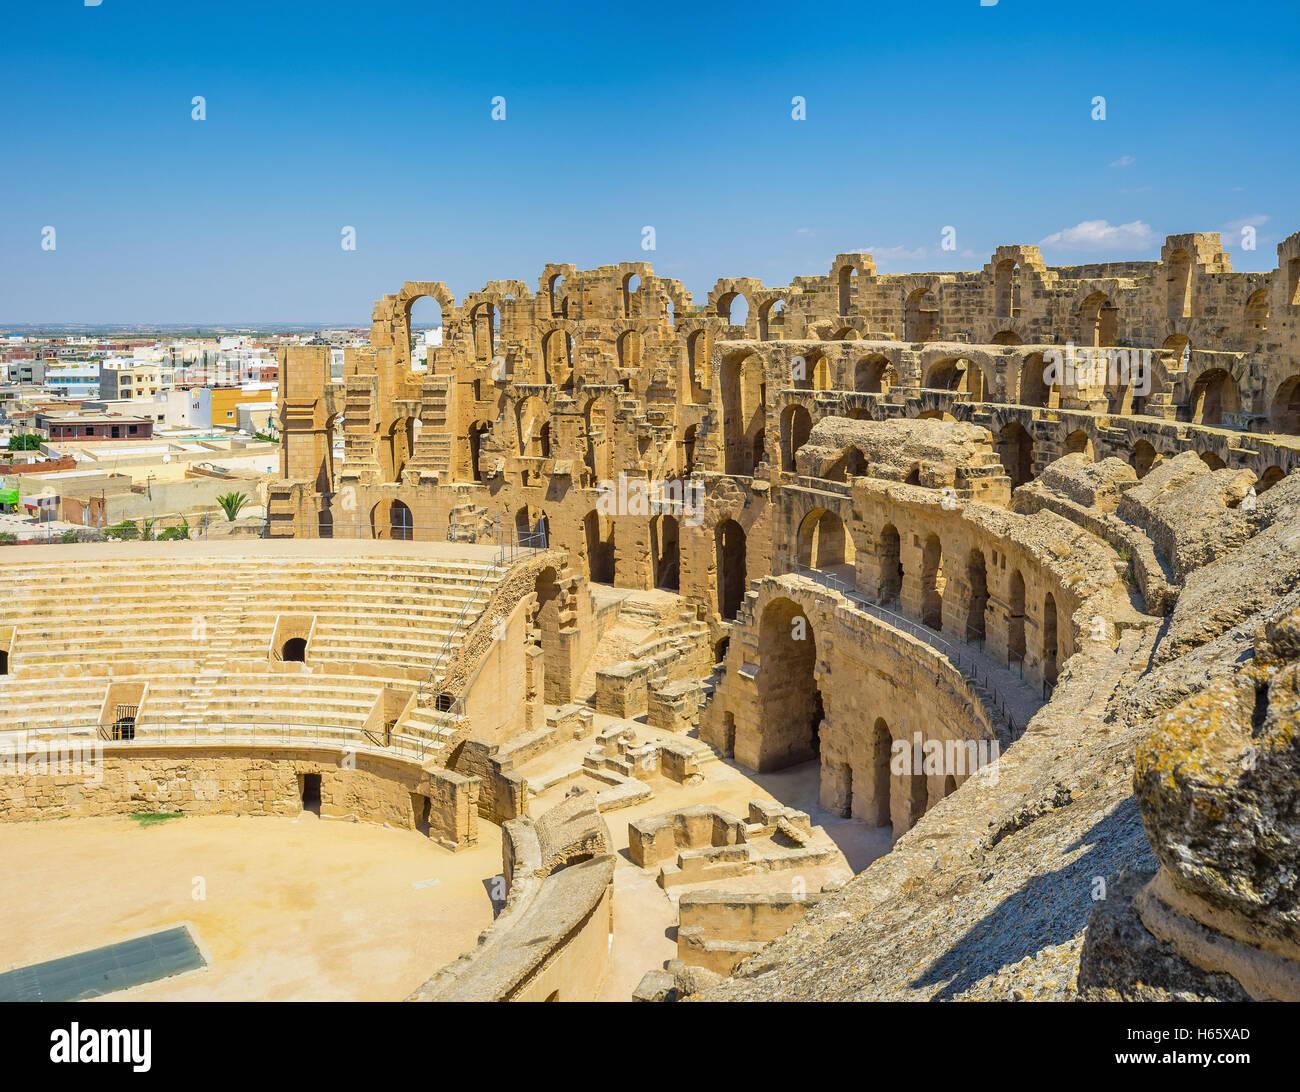 Il famoso anfiteatro di El Jem è uno dei meglio conservati monumenti di epoca romana, Tunisia. Immagini Stock